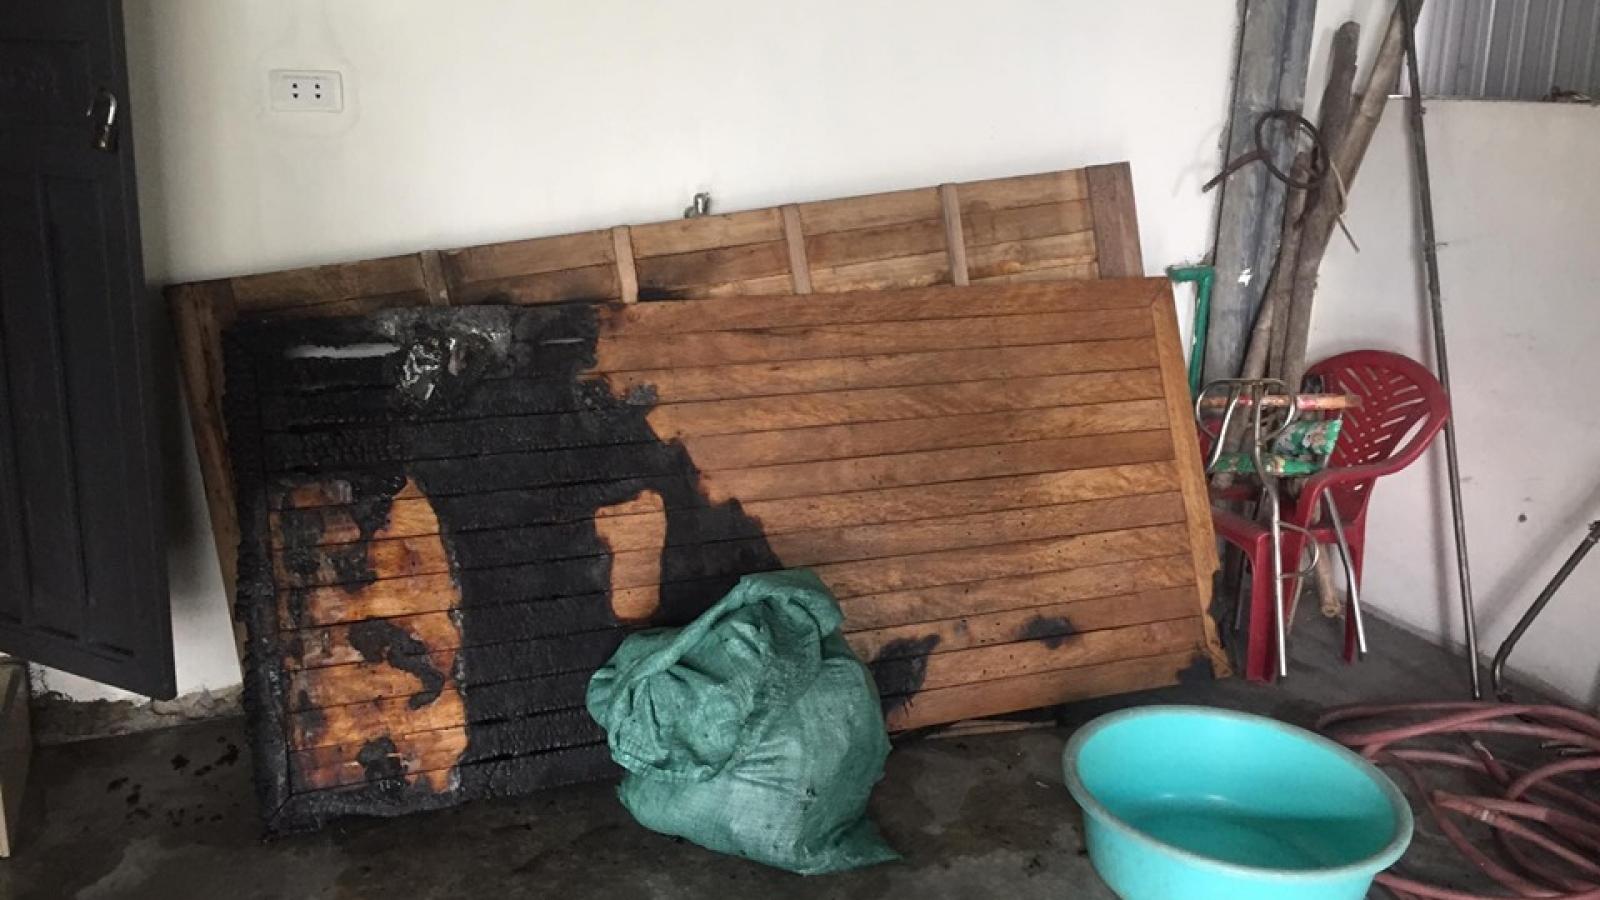 Cháy phòng ngủ, 4 người trong gia đình bị bỏng nhập viện cấp cứu